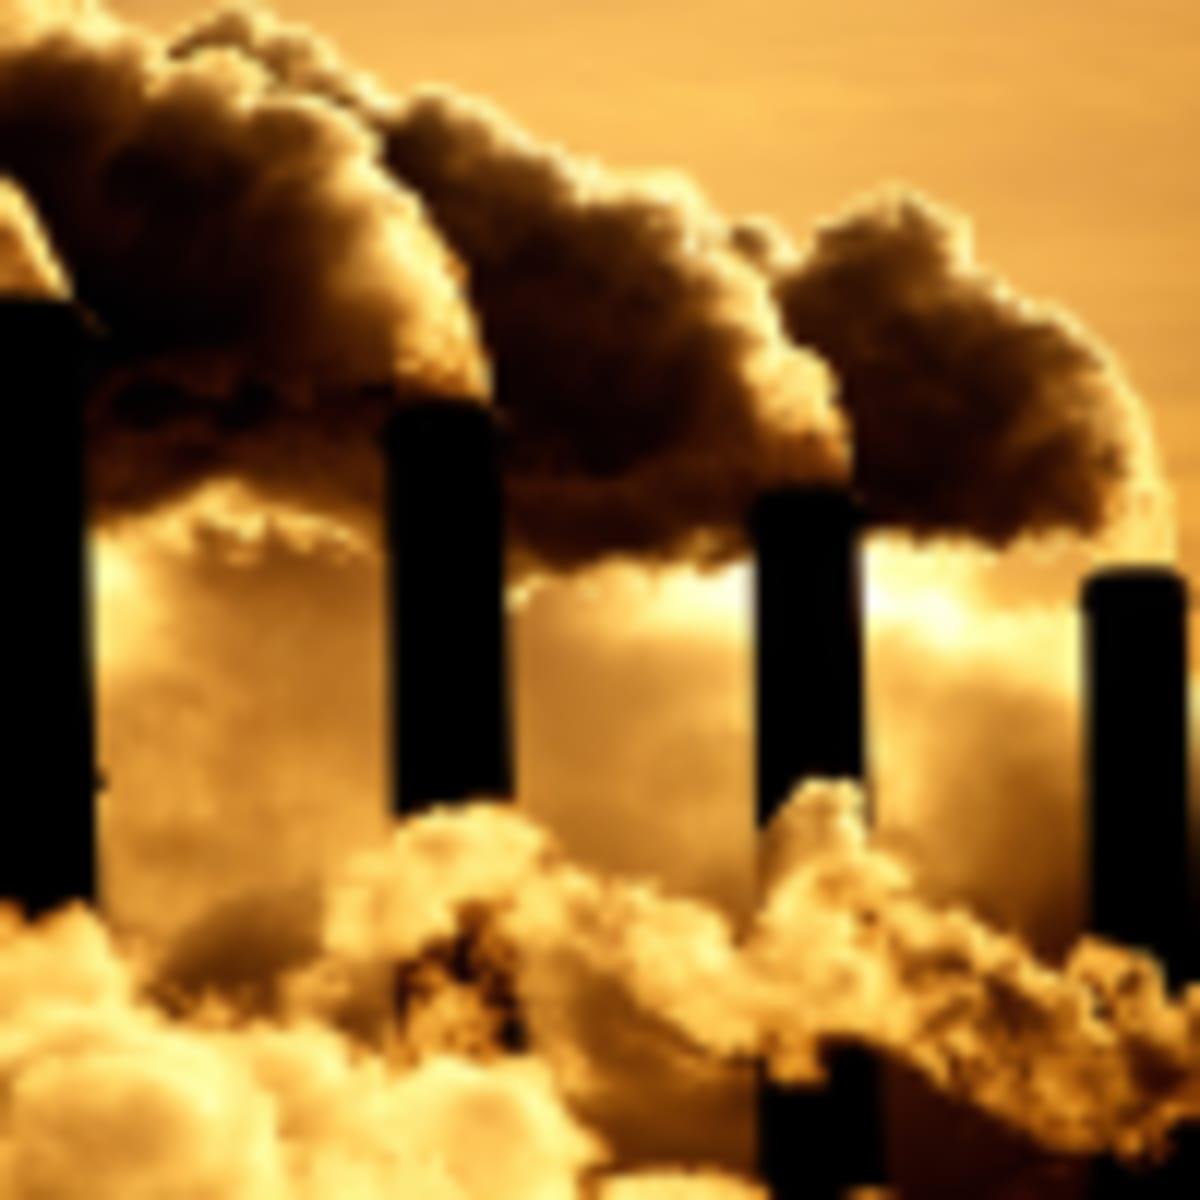 A szén-dioxid-kiegyenlítés kiegyenlítés nem tökéletes, de szükséges